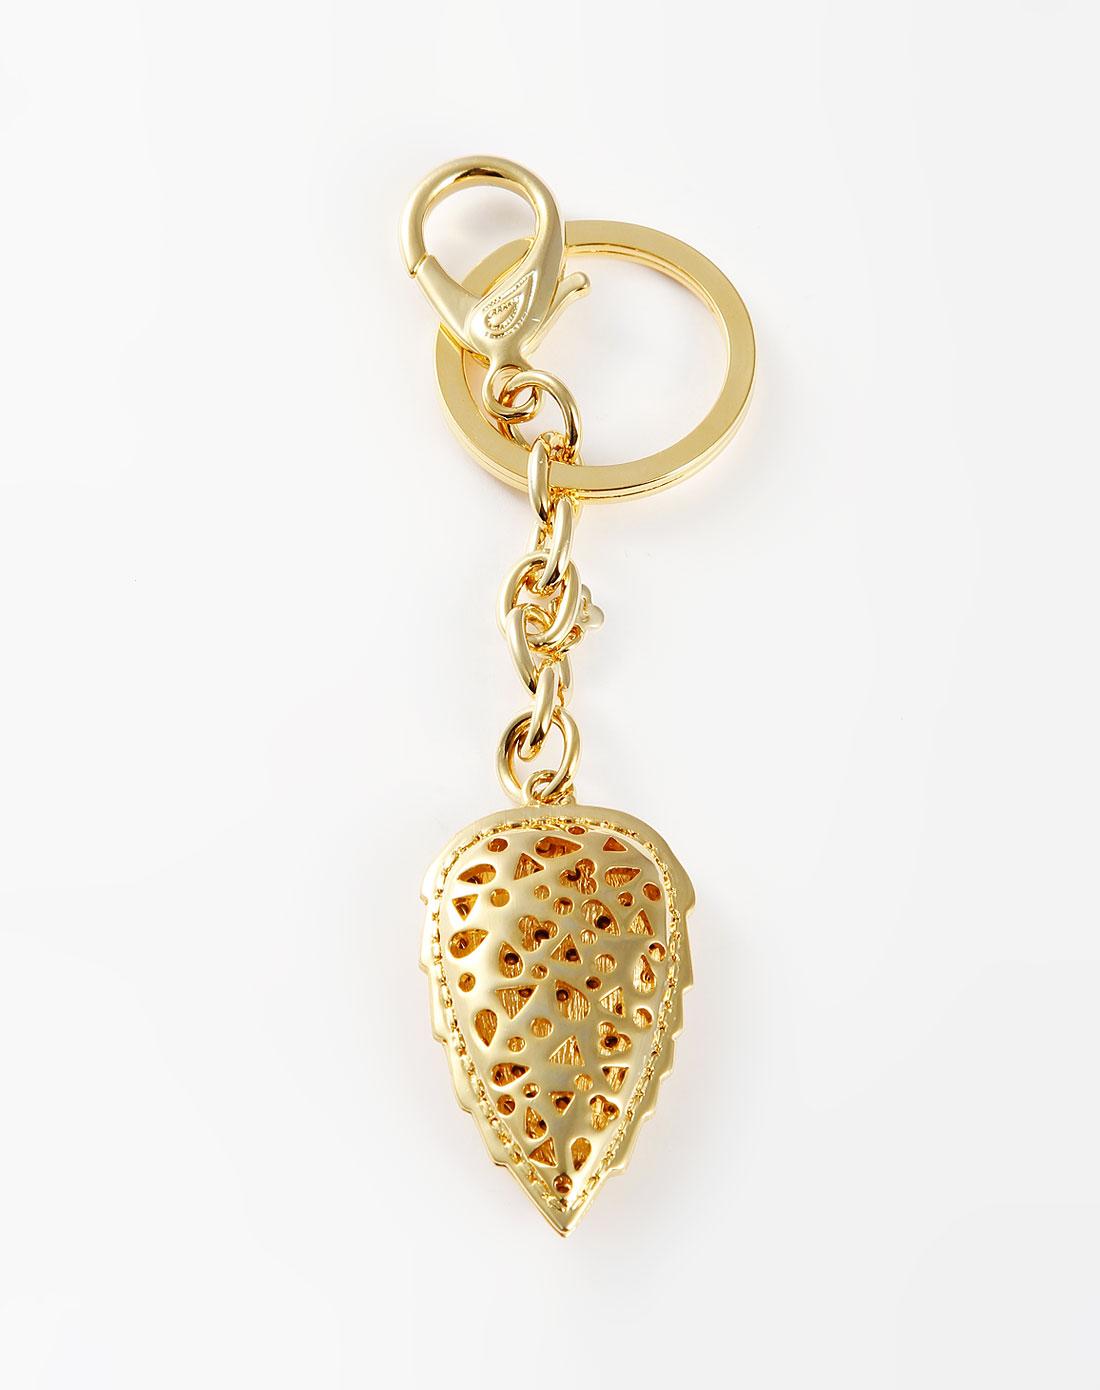 威妮华viennois金色高档满钻树叶钥匙扣v014666l-002